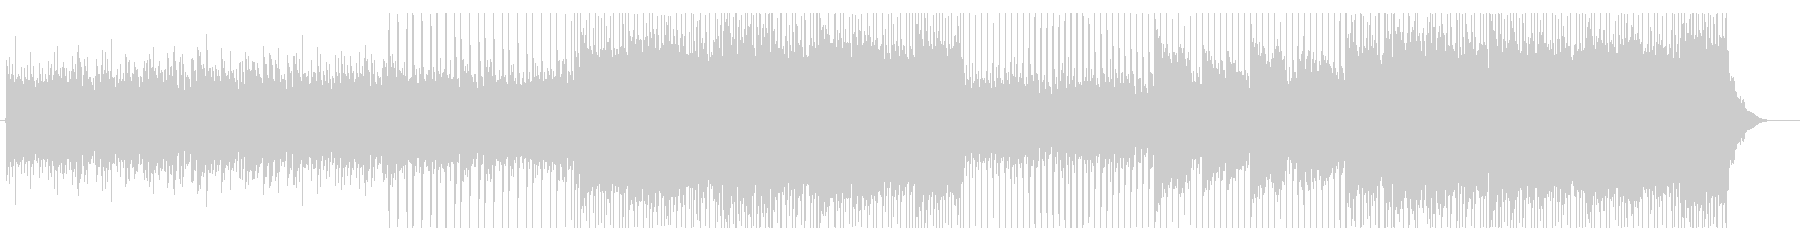 企業向け 明るいメロが特徴なピアノポップの未再生の波形